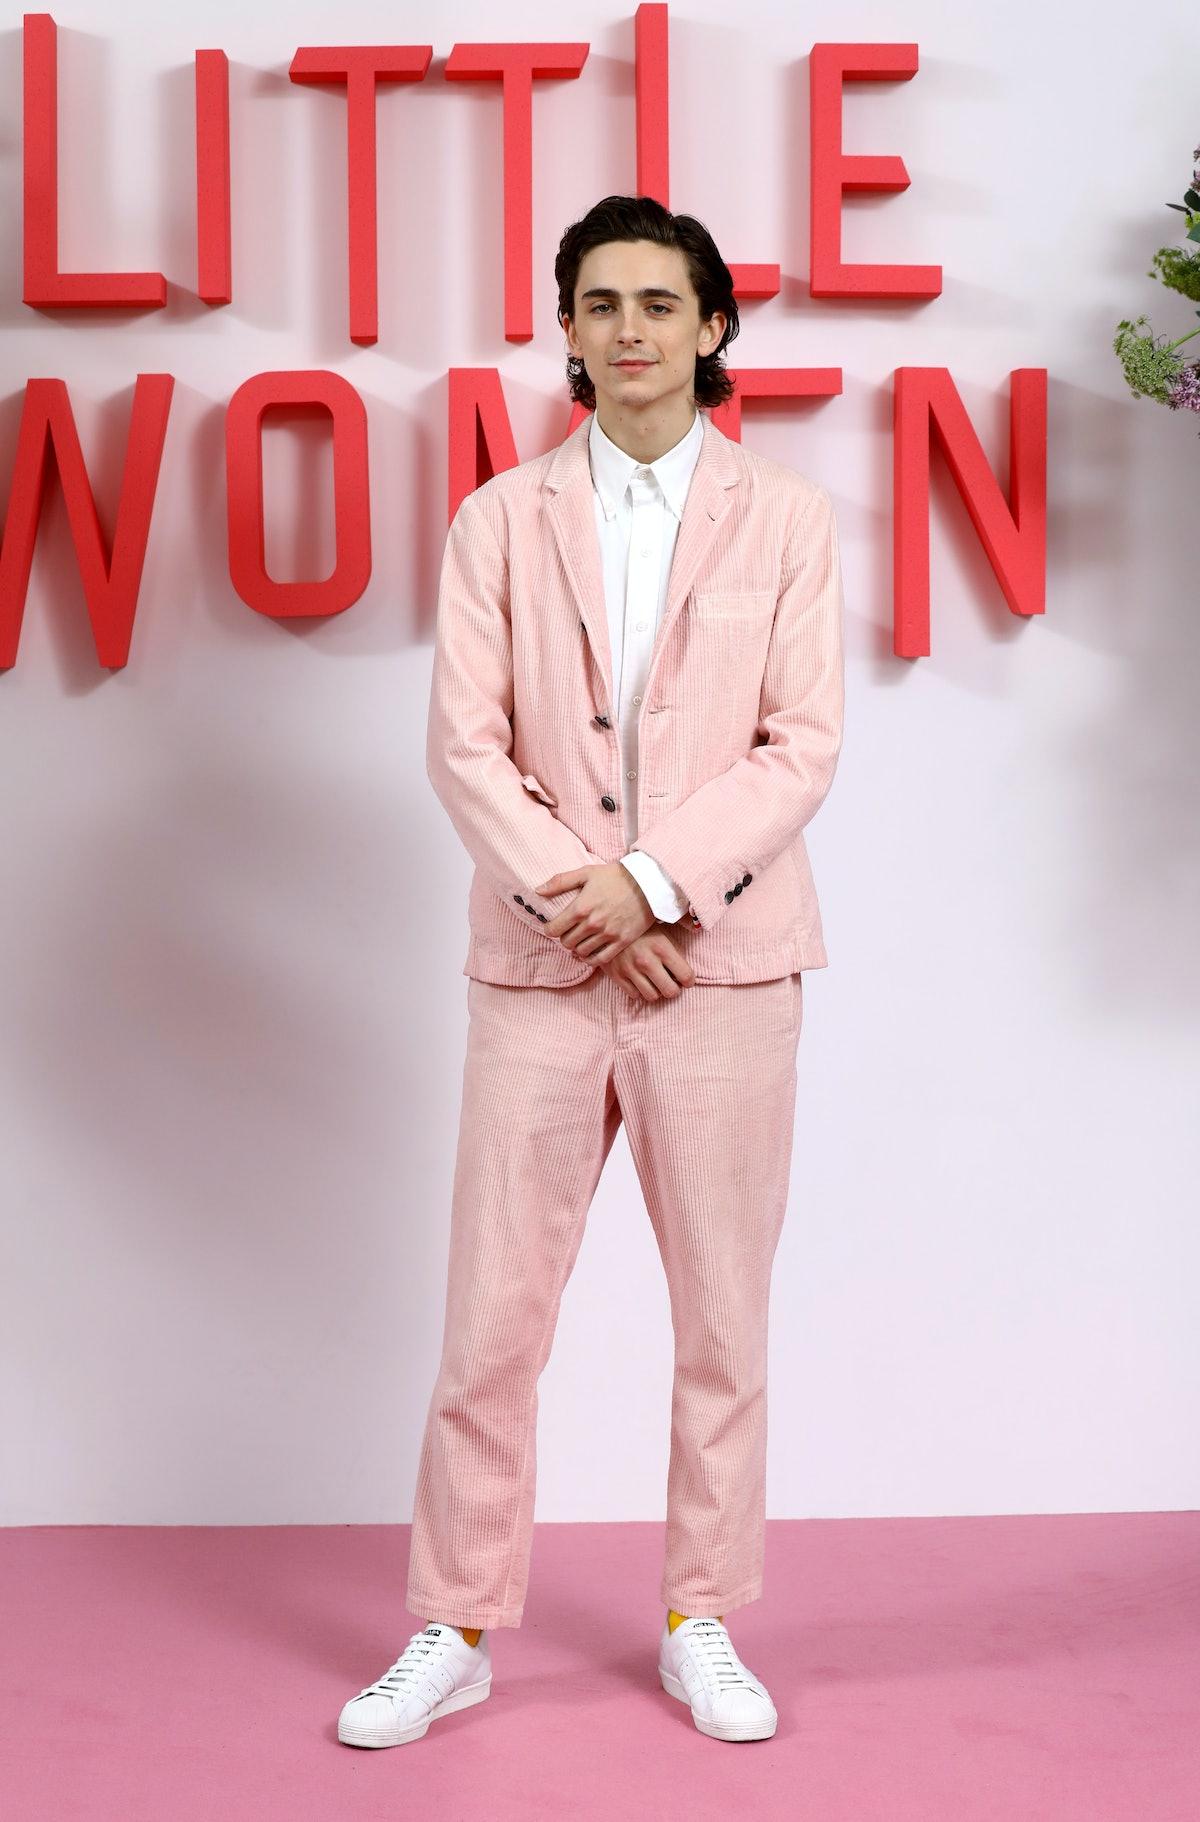 T. CHalamet in pink suit.